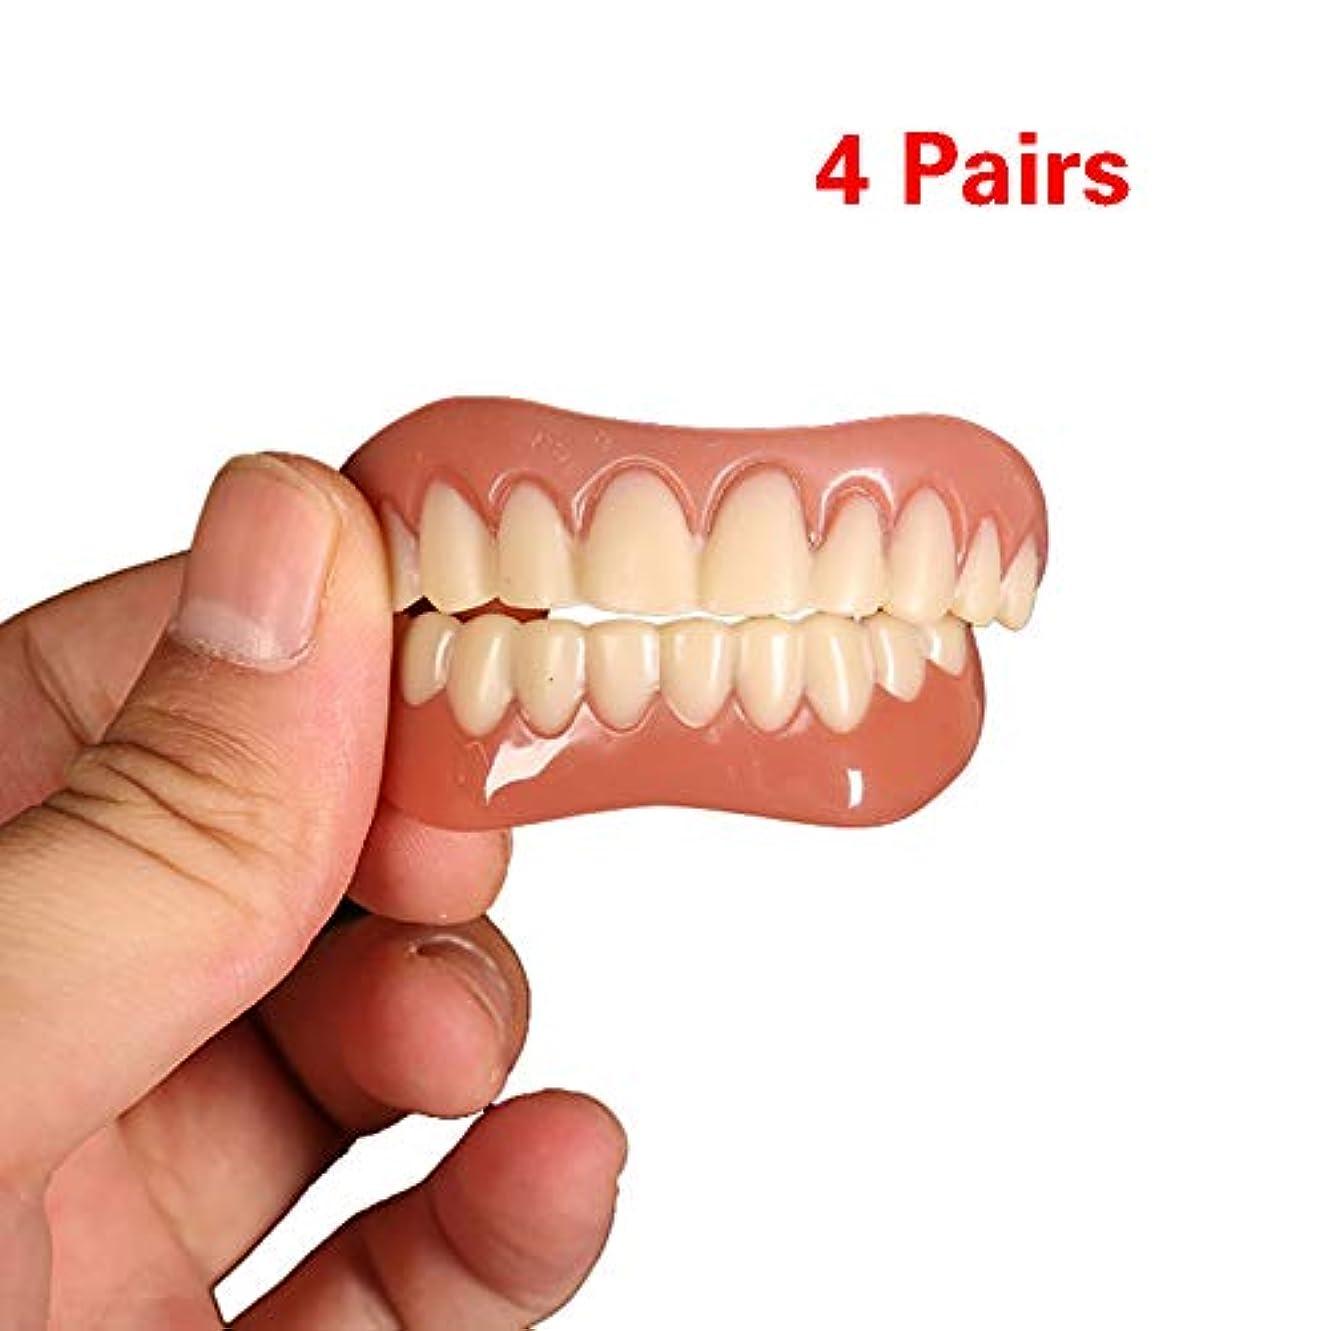 鑑定感じ間接的歯の快適さフィットフレックス化粧品の歯義歯歯の上+下化粧品のベニヤシミュレーションブレース